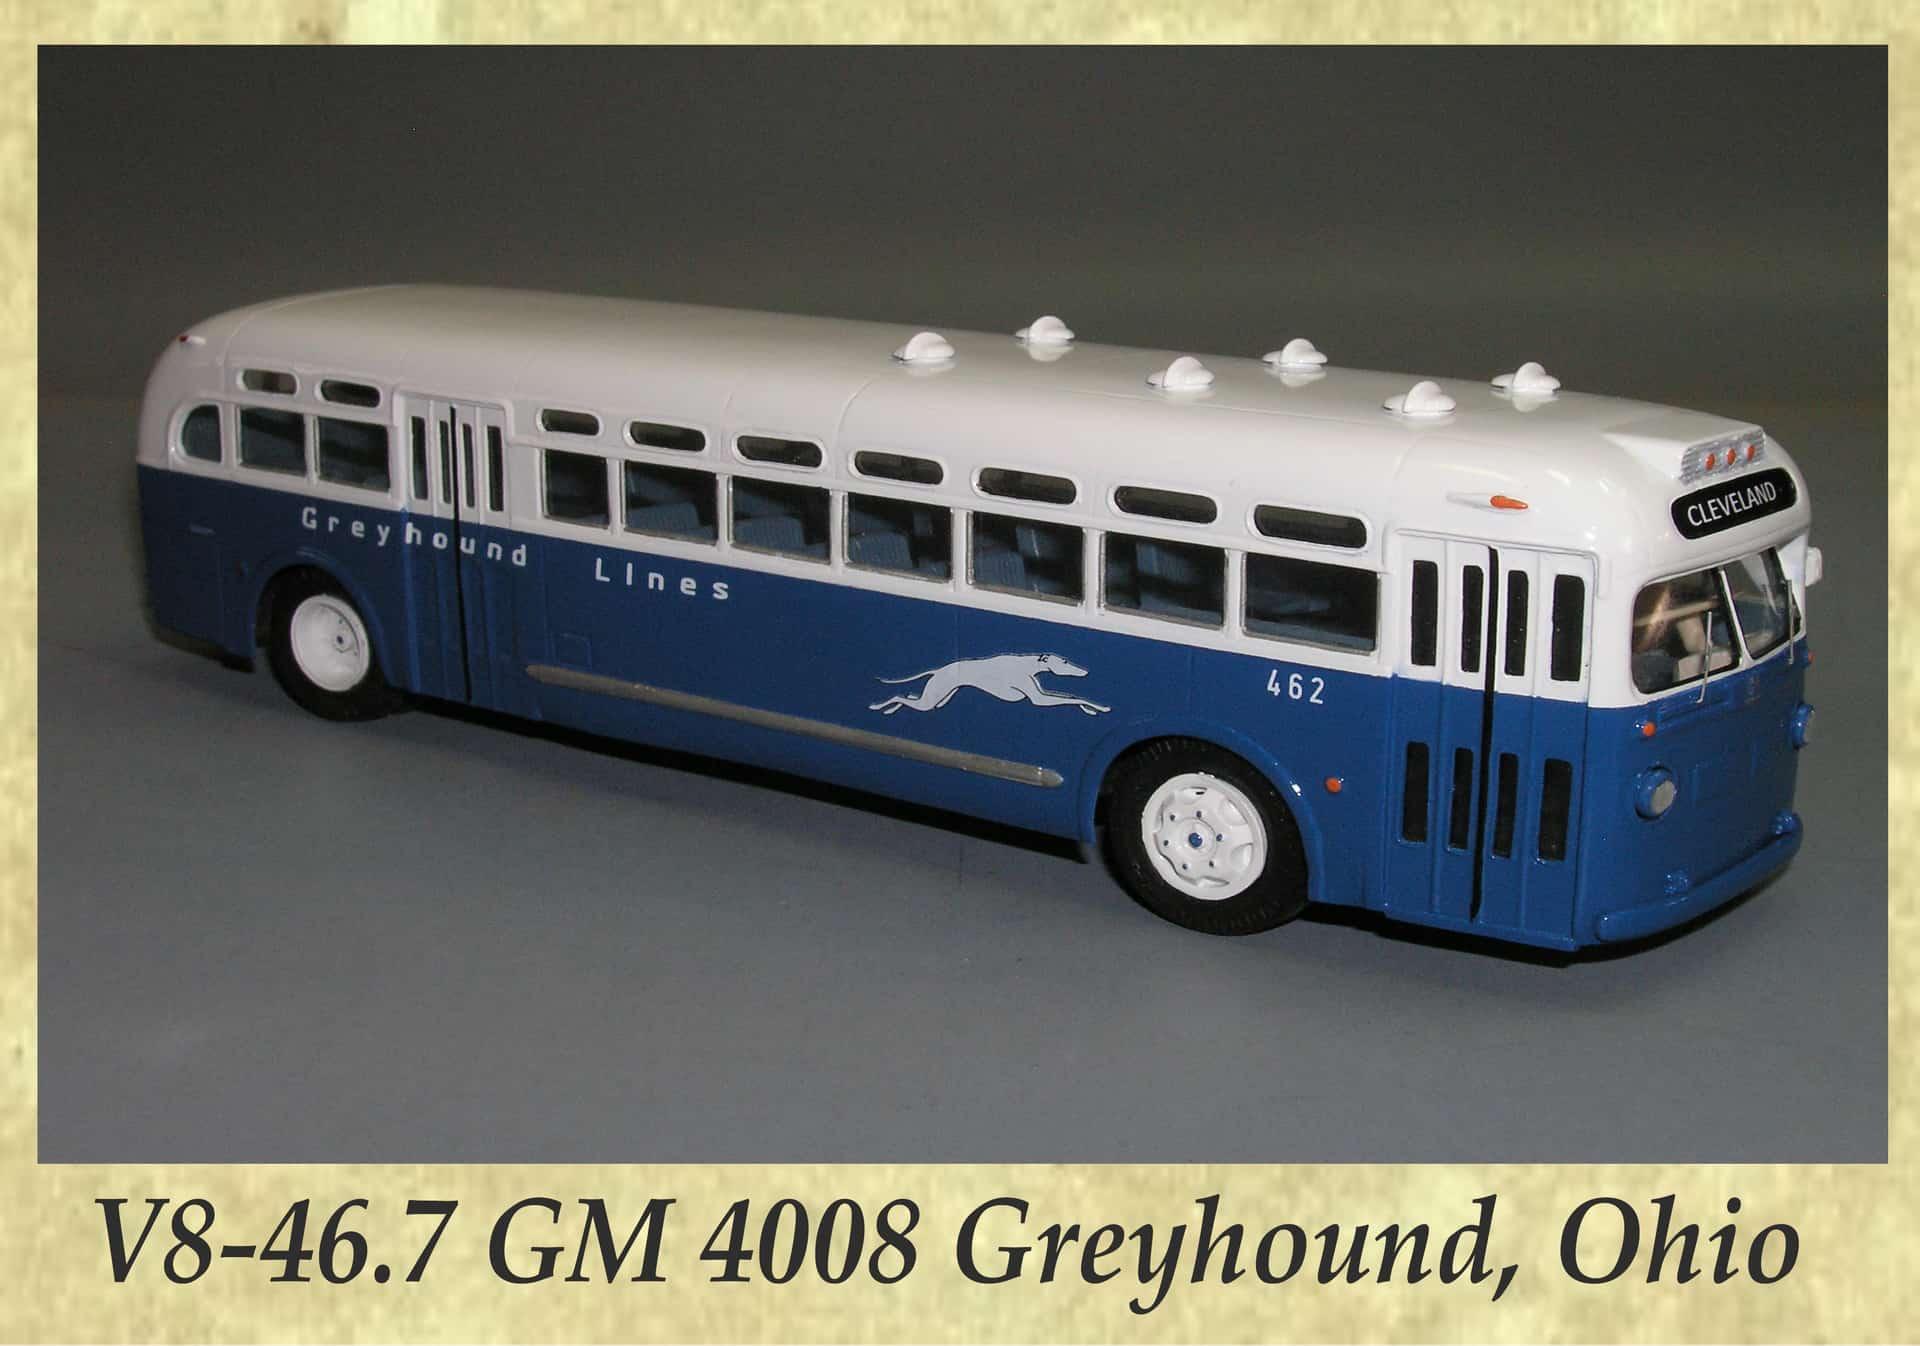 V8-46.7 GM 4008 Greyhound, Ohio